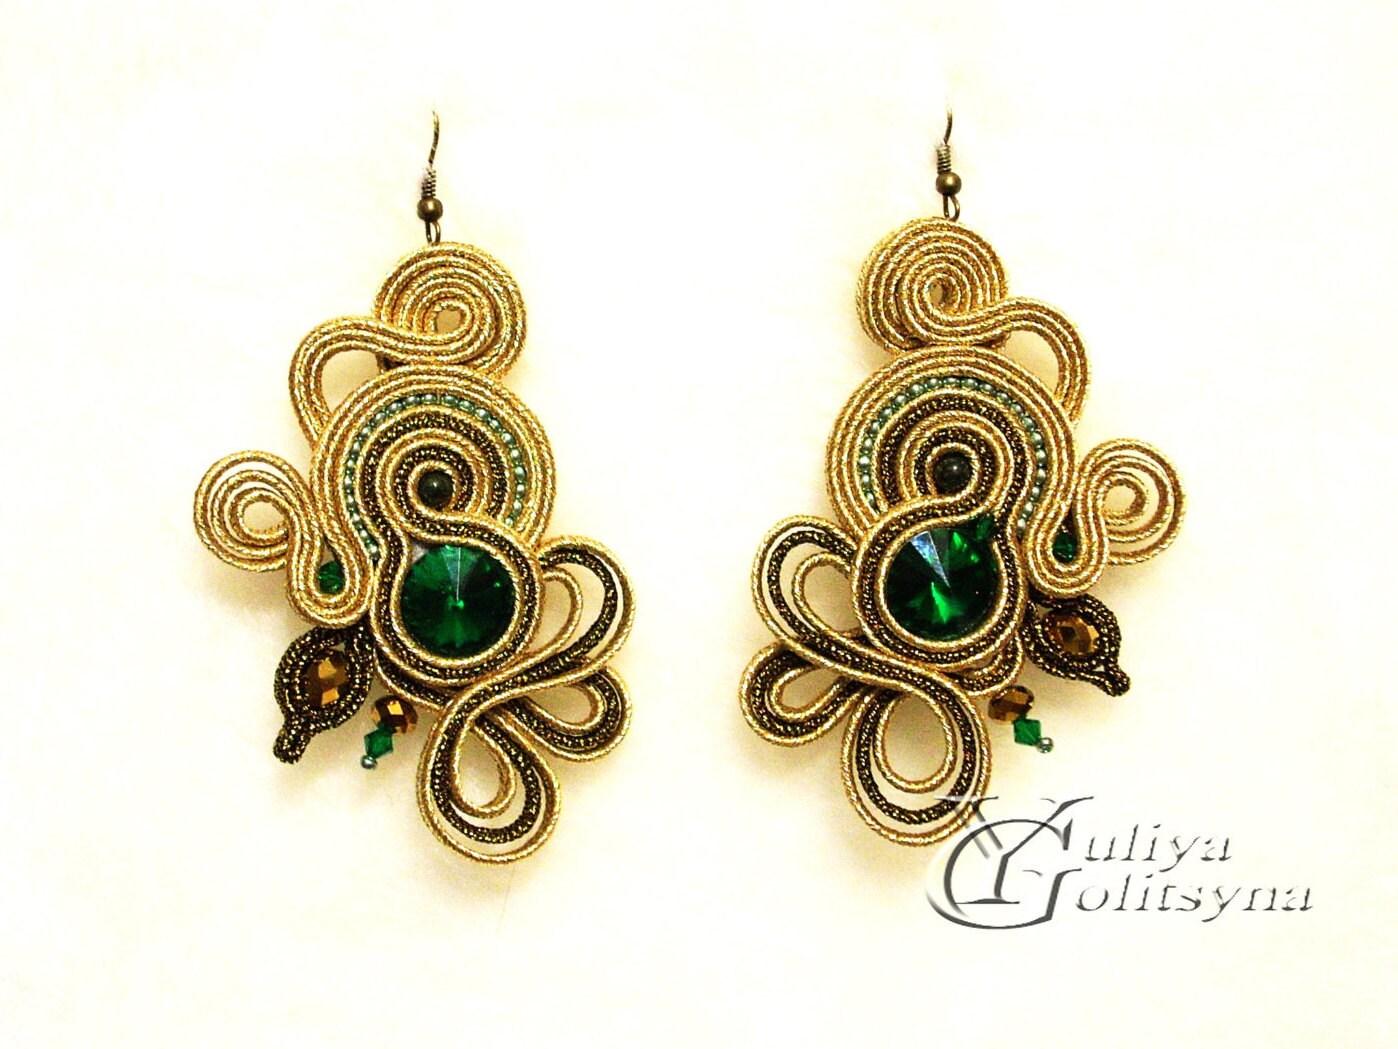 Large Soutache Earrings Gold Tone Statement Earrings Summer Jewelry Elegant  Earrings Green Crystal Jewelry Gold Tone